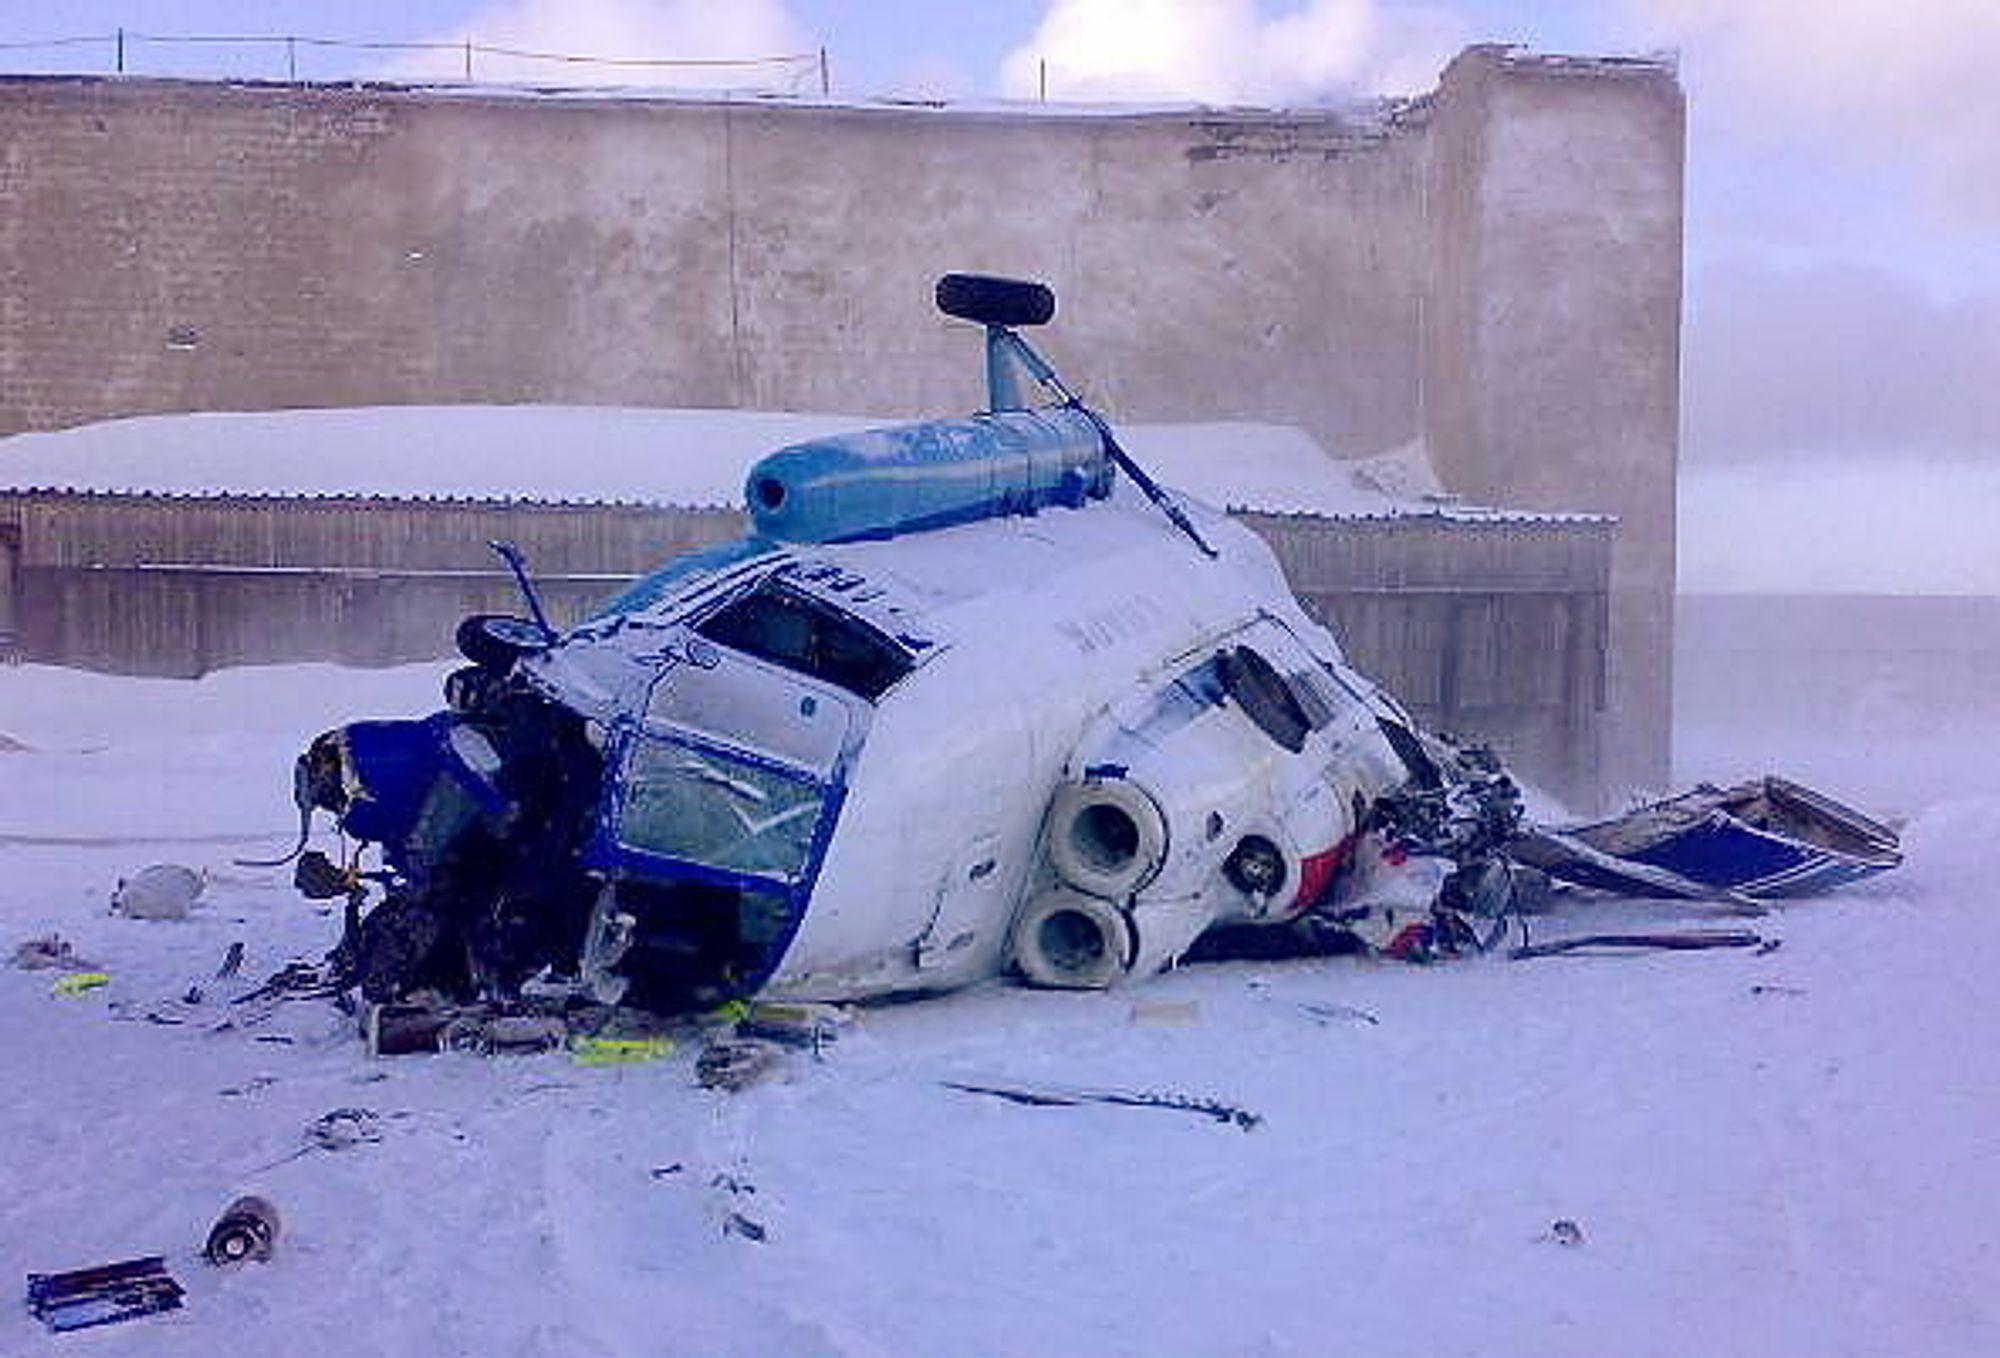 Tre personer omkom og to personer ble alvorlig skadet da dette russiske helikopteret styrtet under landing på helipaden på Heerodden i Barentsburg søndag.